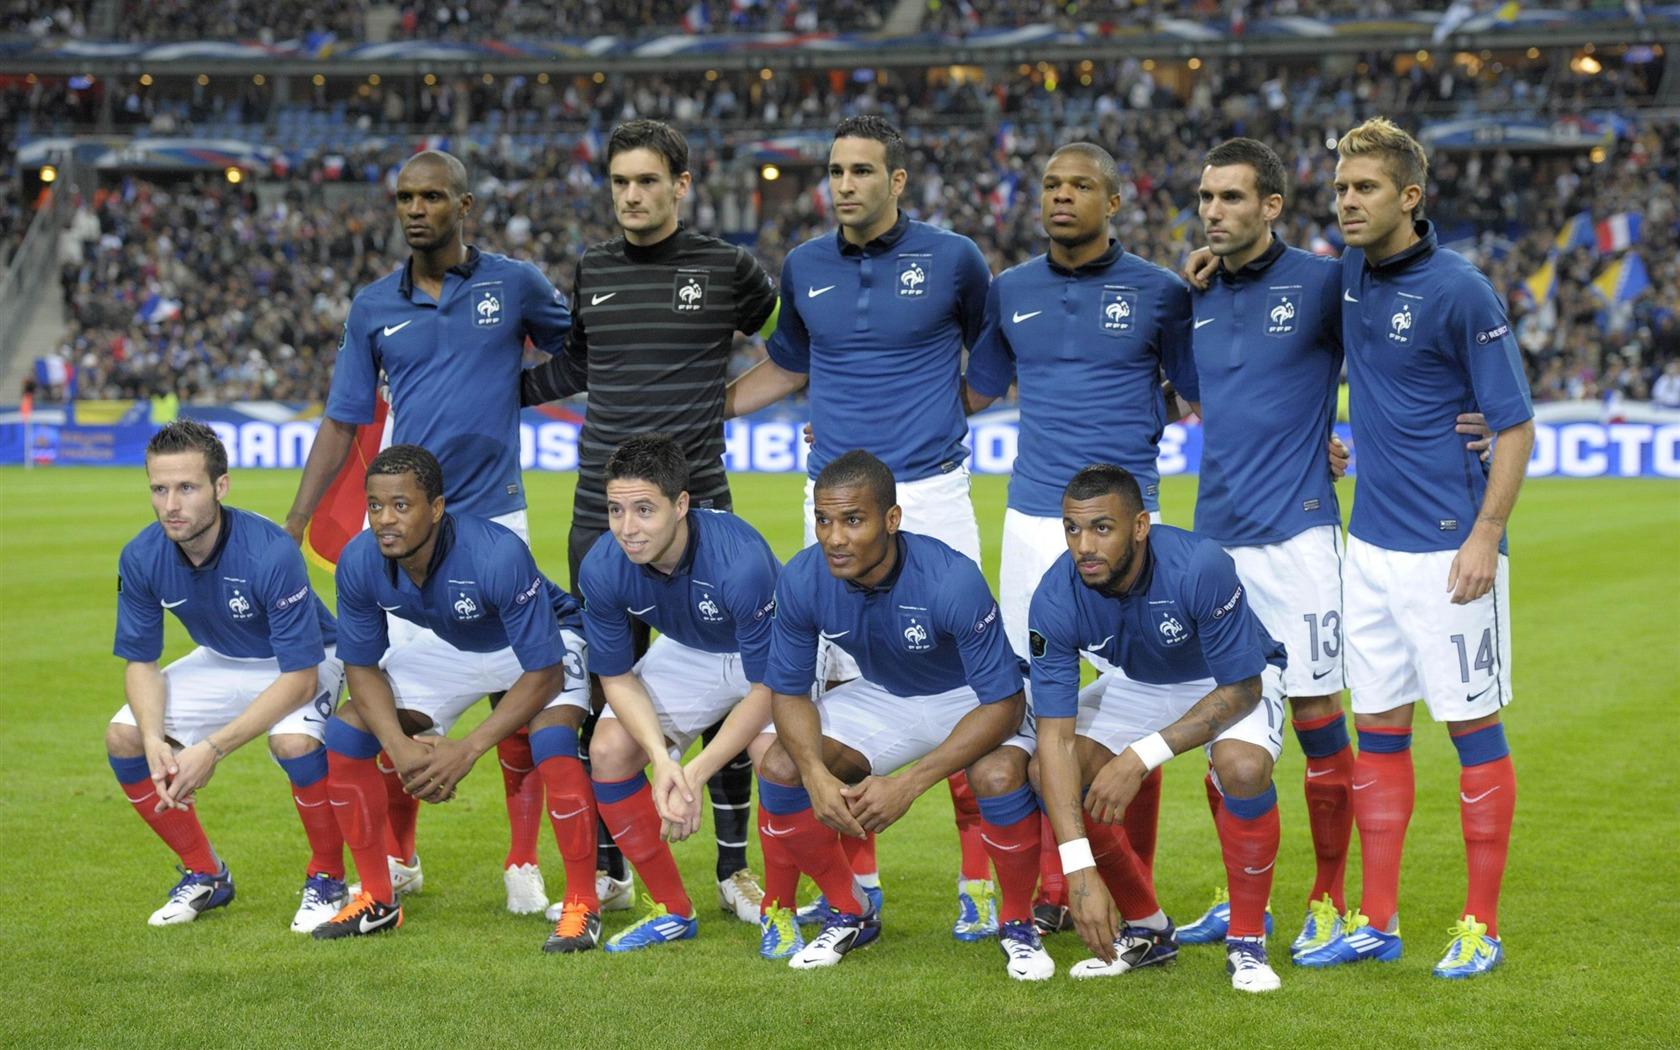 描述: 法国足球队-euro 2012欧洲杯壁纸 当前壁纸尺寸: 1680 x 1050图片